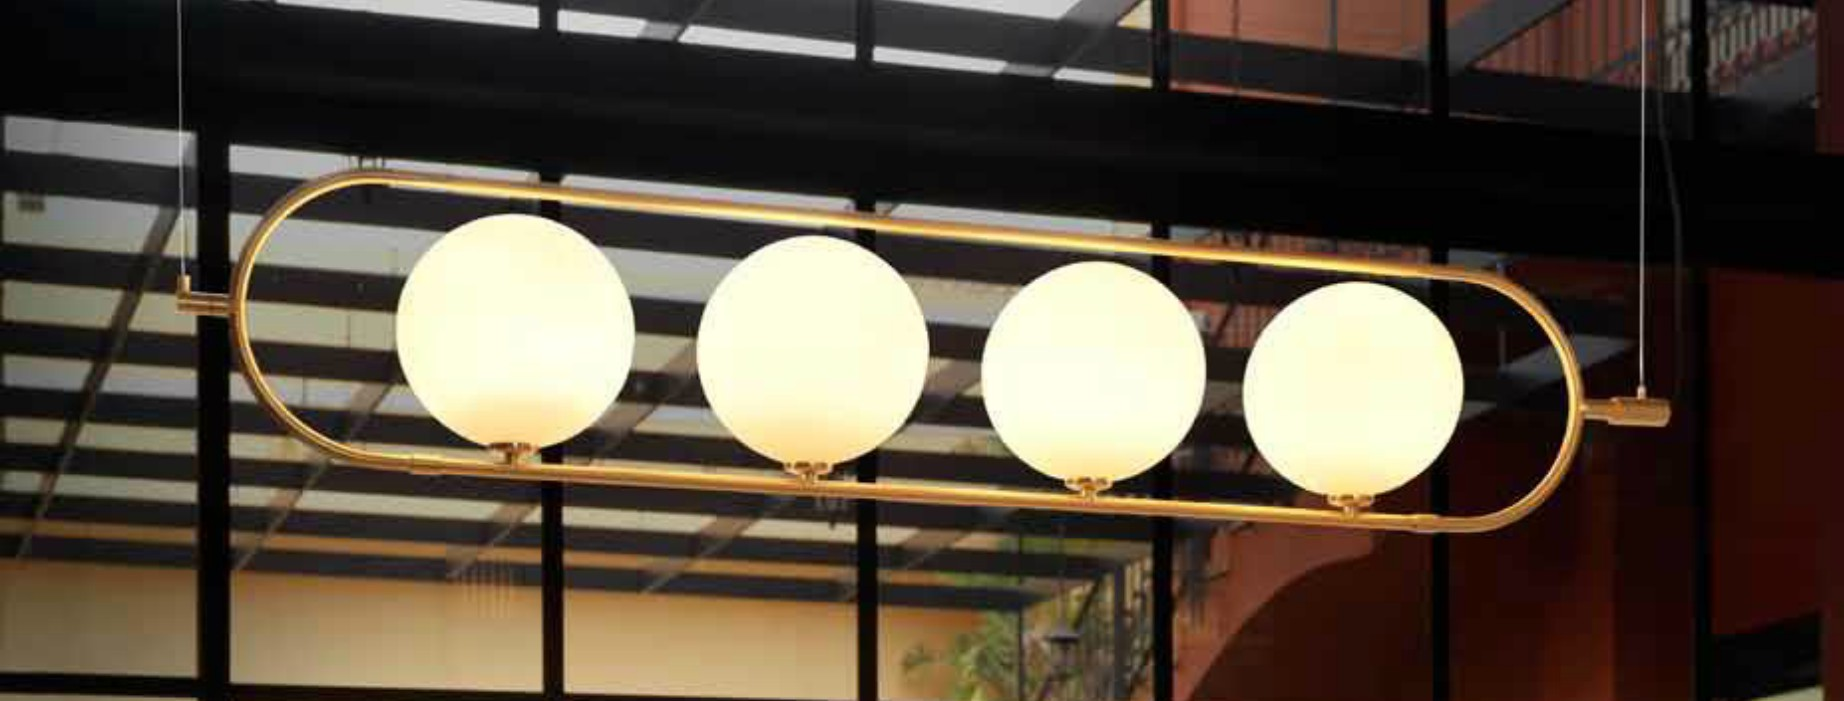 Lámparas estilo mid century las lámparas más elegantes vuelven con estilo renovado b2